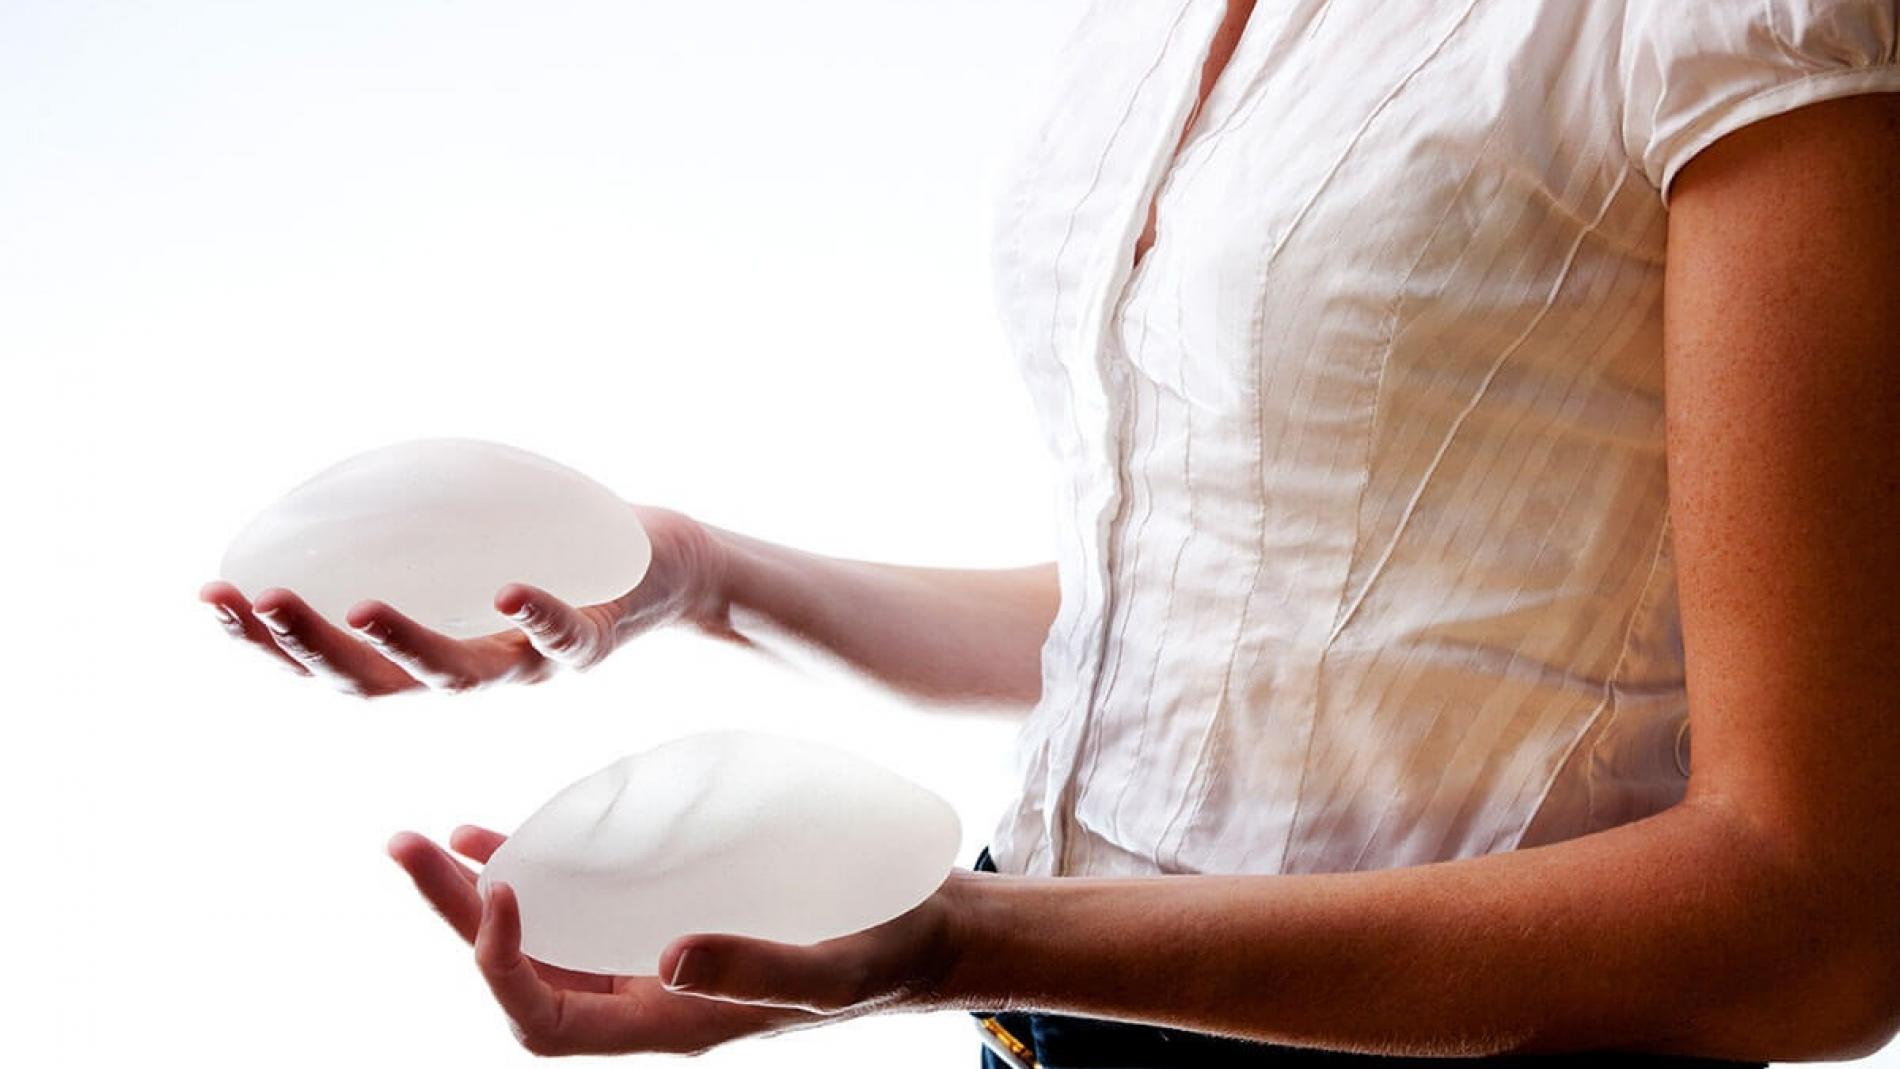 clinica de cirurgia plastica em santos dra ana lucia lemos O que muda após a prótese de silicone